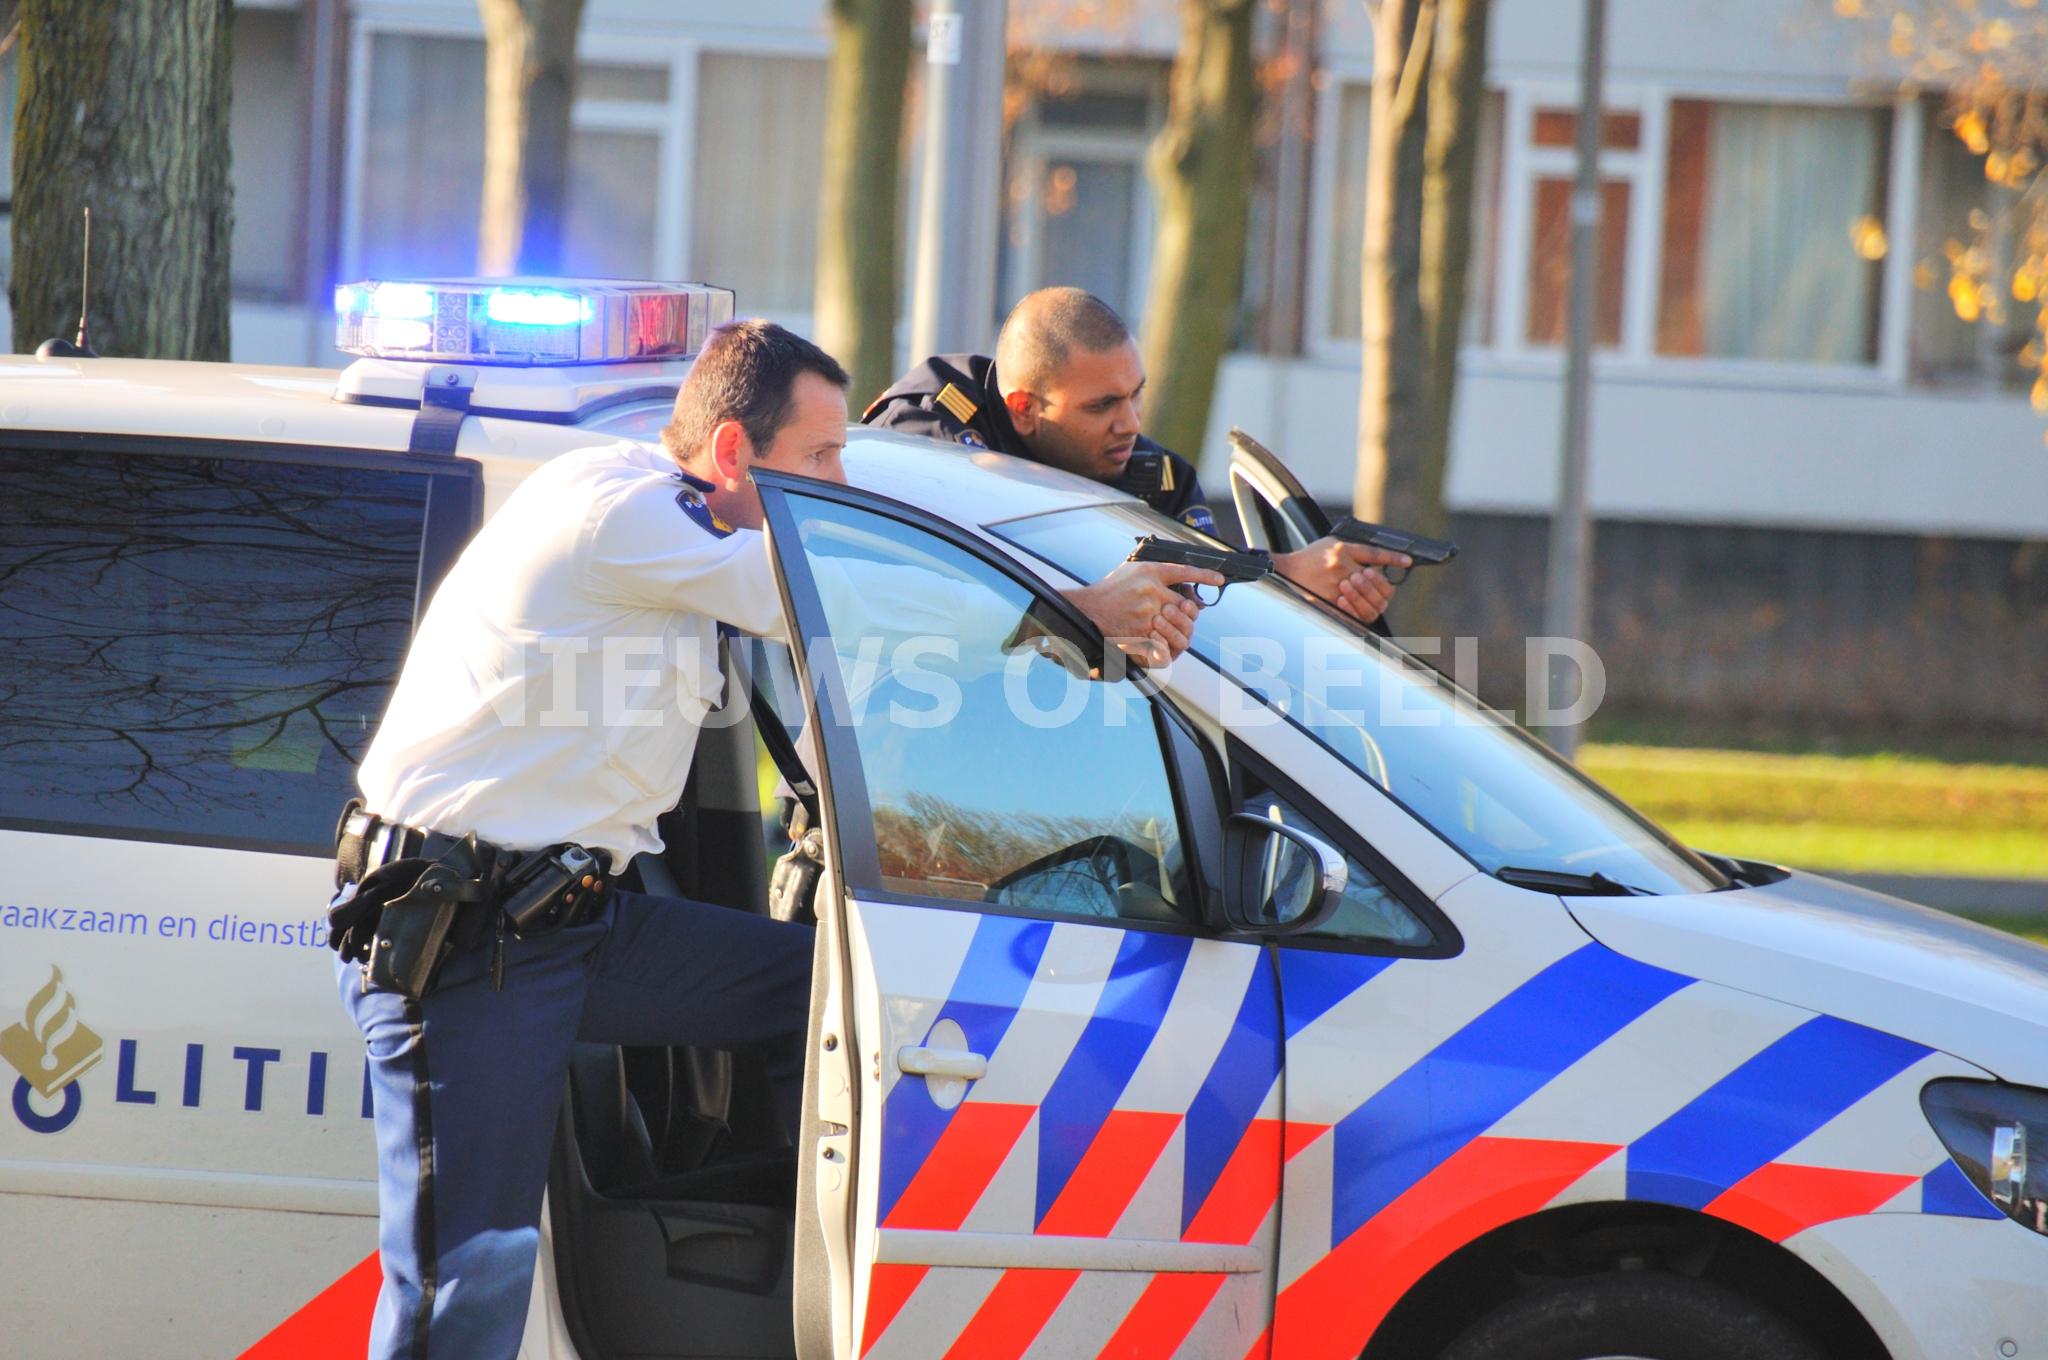 Dode na schietpartij op woonwagenkamp Boekwijt Sint-Oedenrode (video)